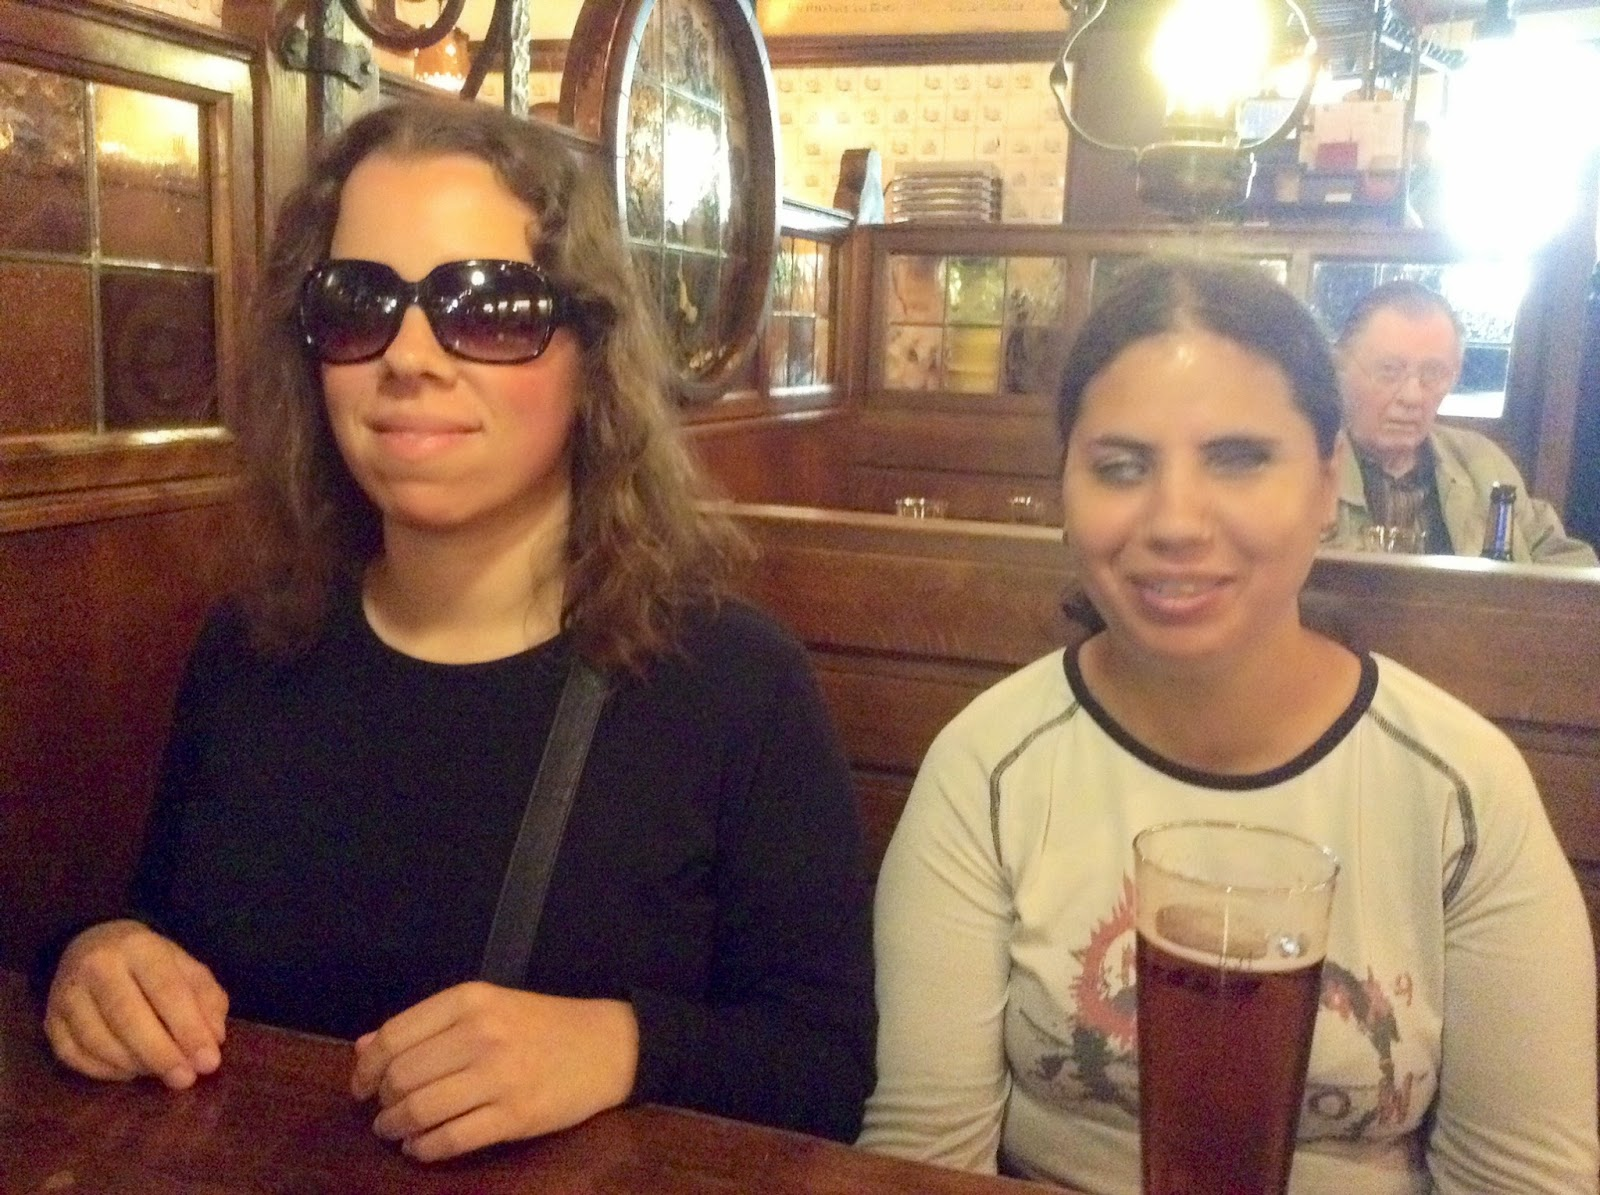 A Sara e a Patrícia com uma Kölsch - cerveja de Colónia - a começar o almoco, depois da visita à cidade de Aachen!